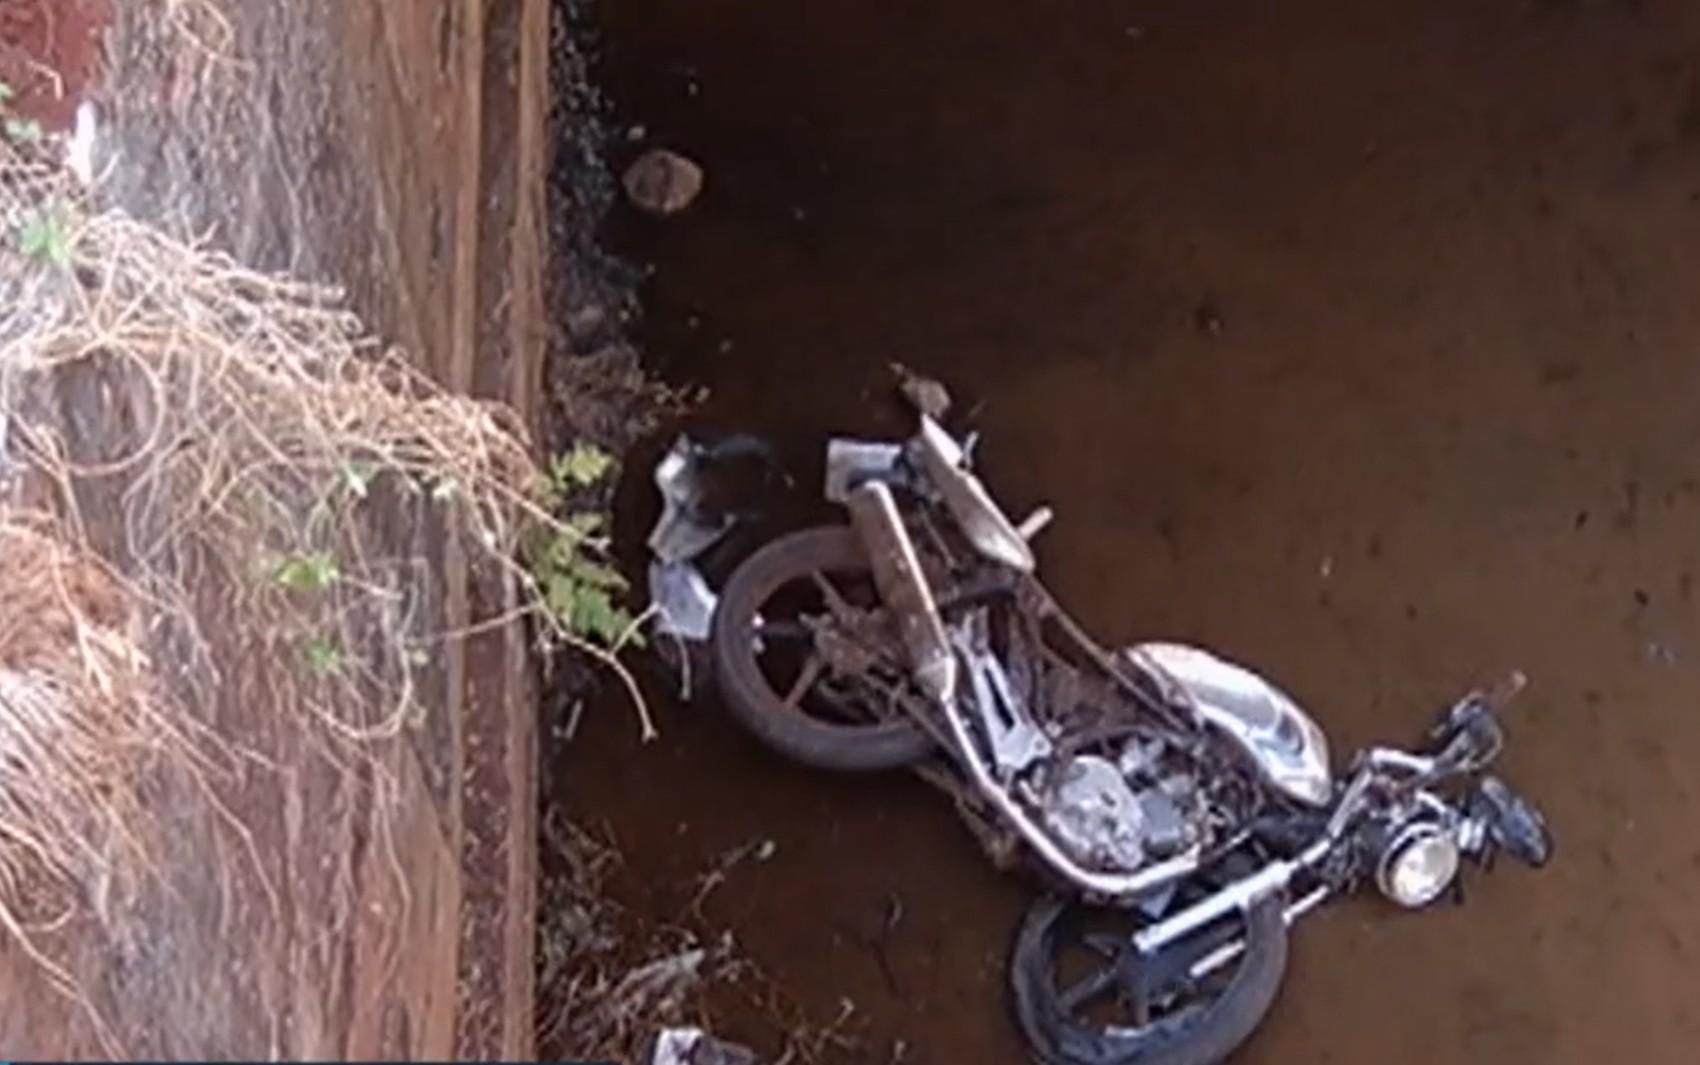 Homem cai com moto em ponte e morre ao fugir de policiais que tentavam evitar aglomeração em luau, em Jataí